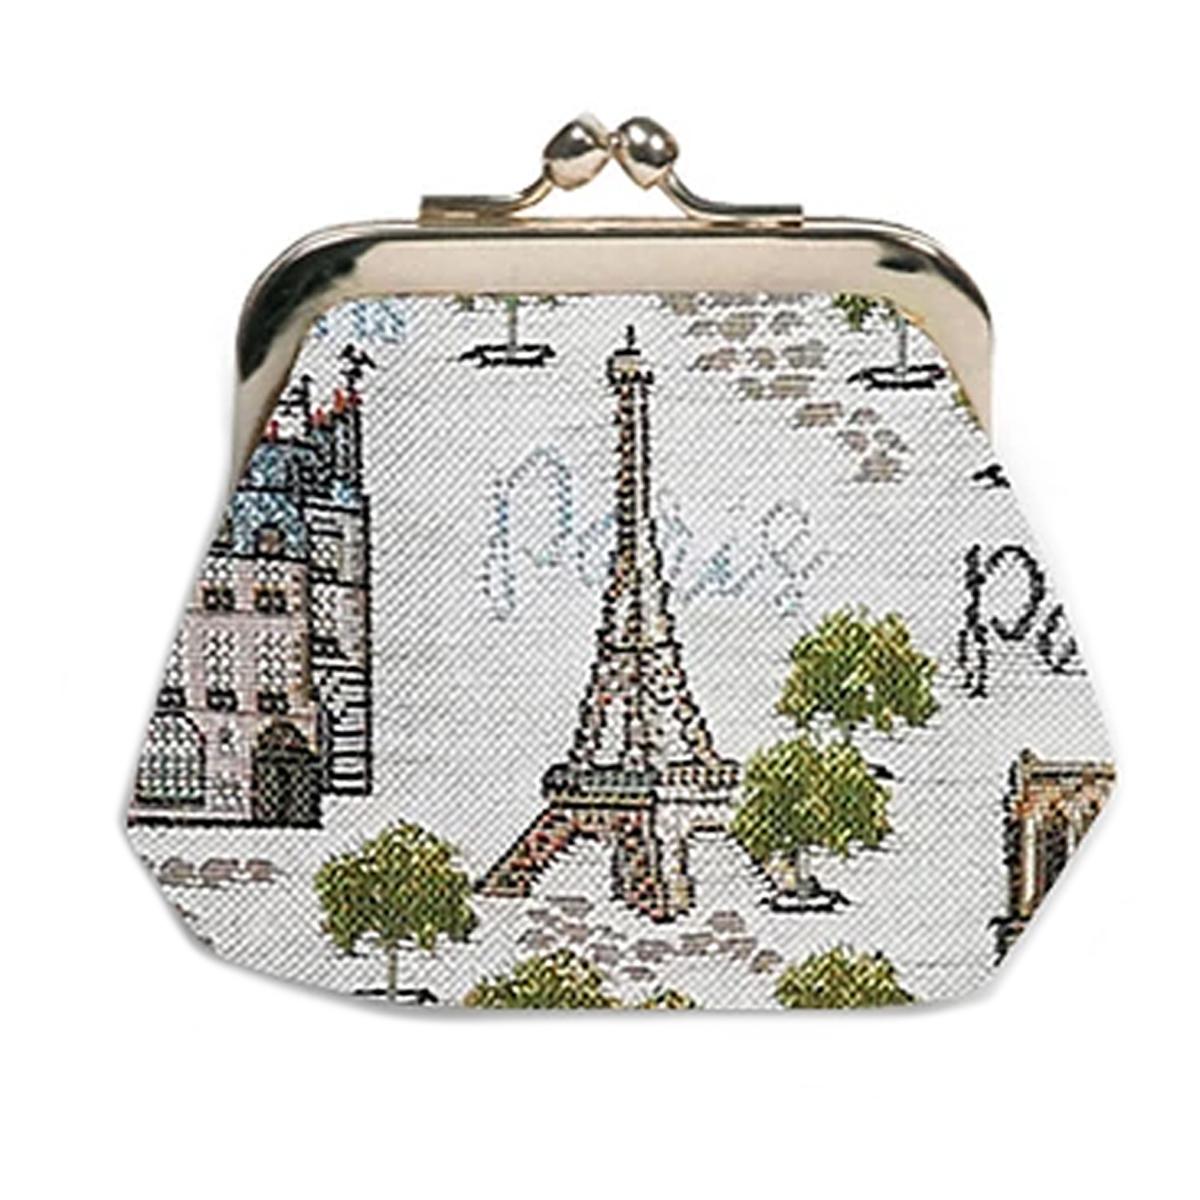 Porte-monnaie artisanal \'Royal Tapisserie\' beige (Paris Paname)  - 11x10x1 cm - [Q6304]